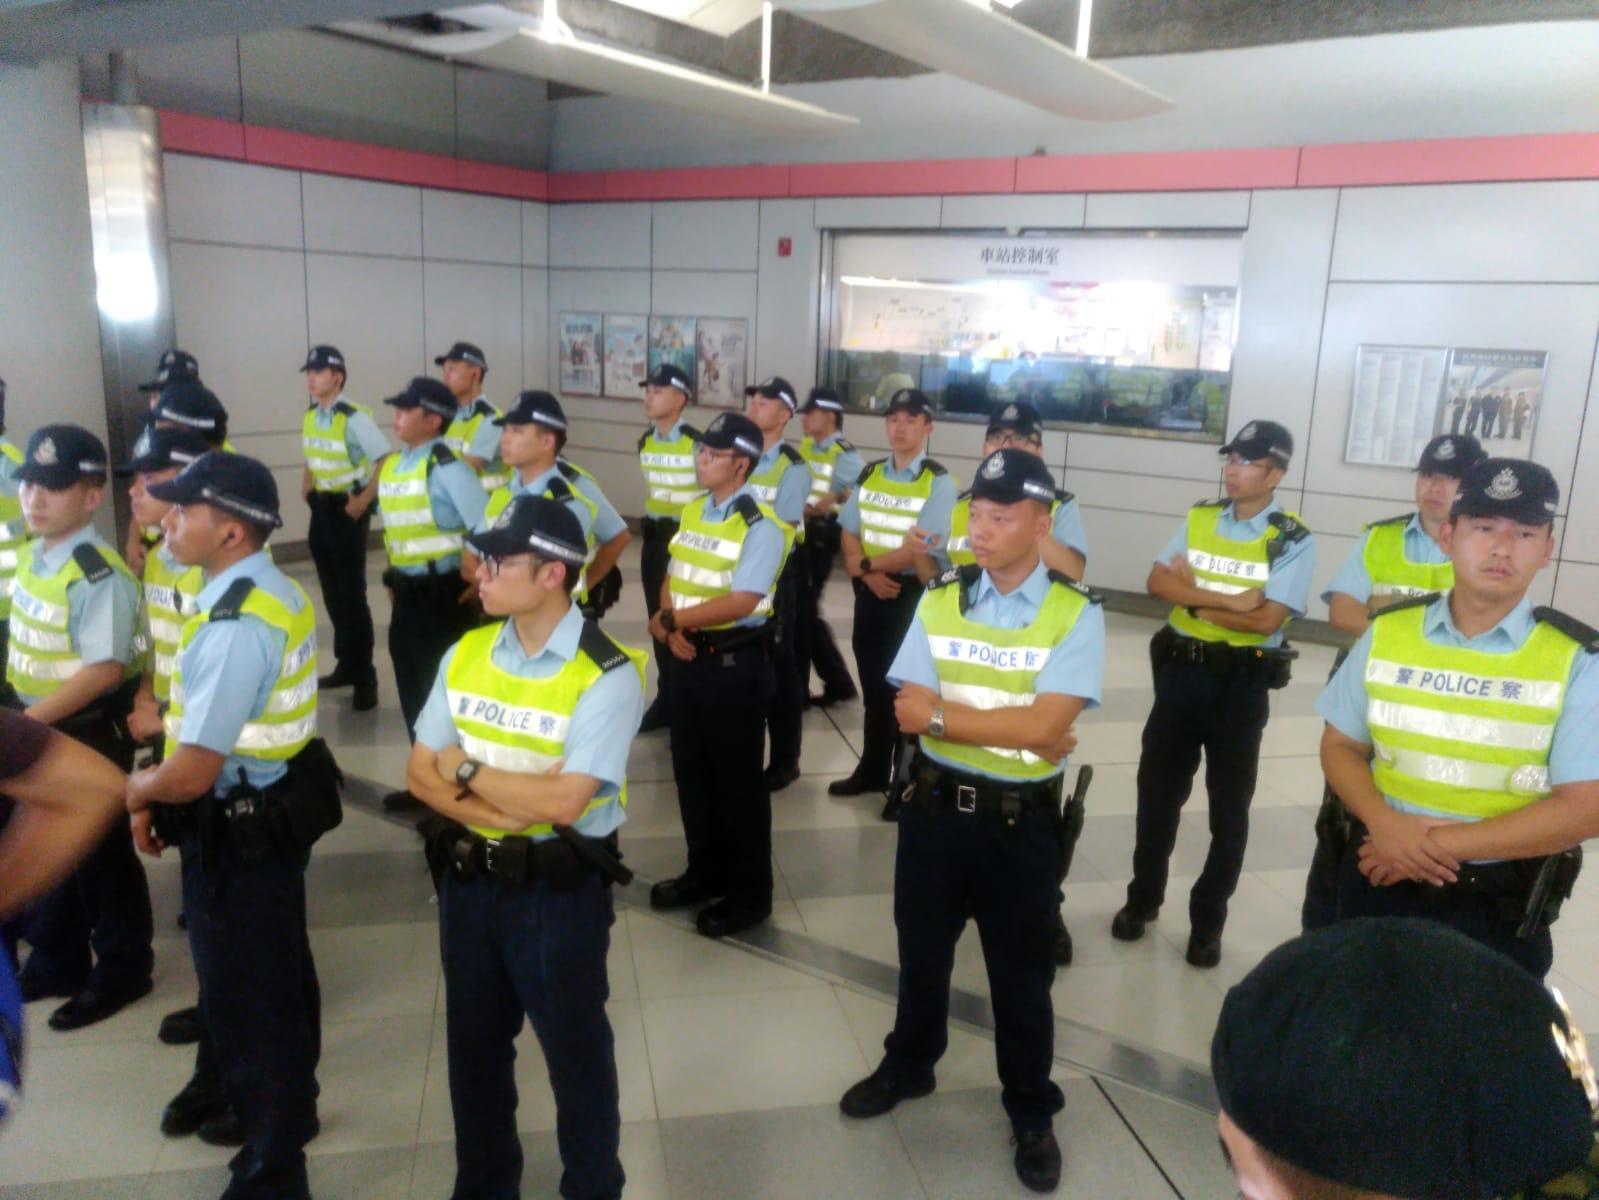 警員在場戒備。